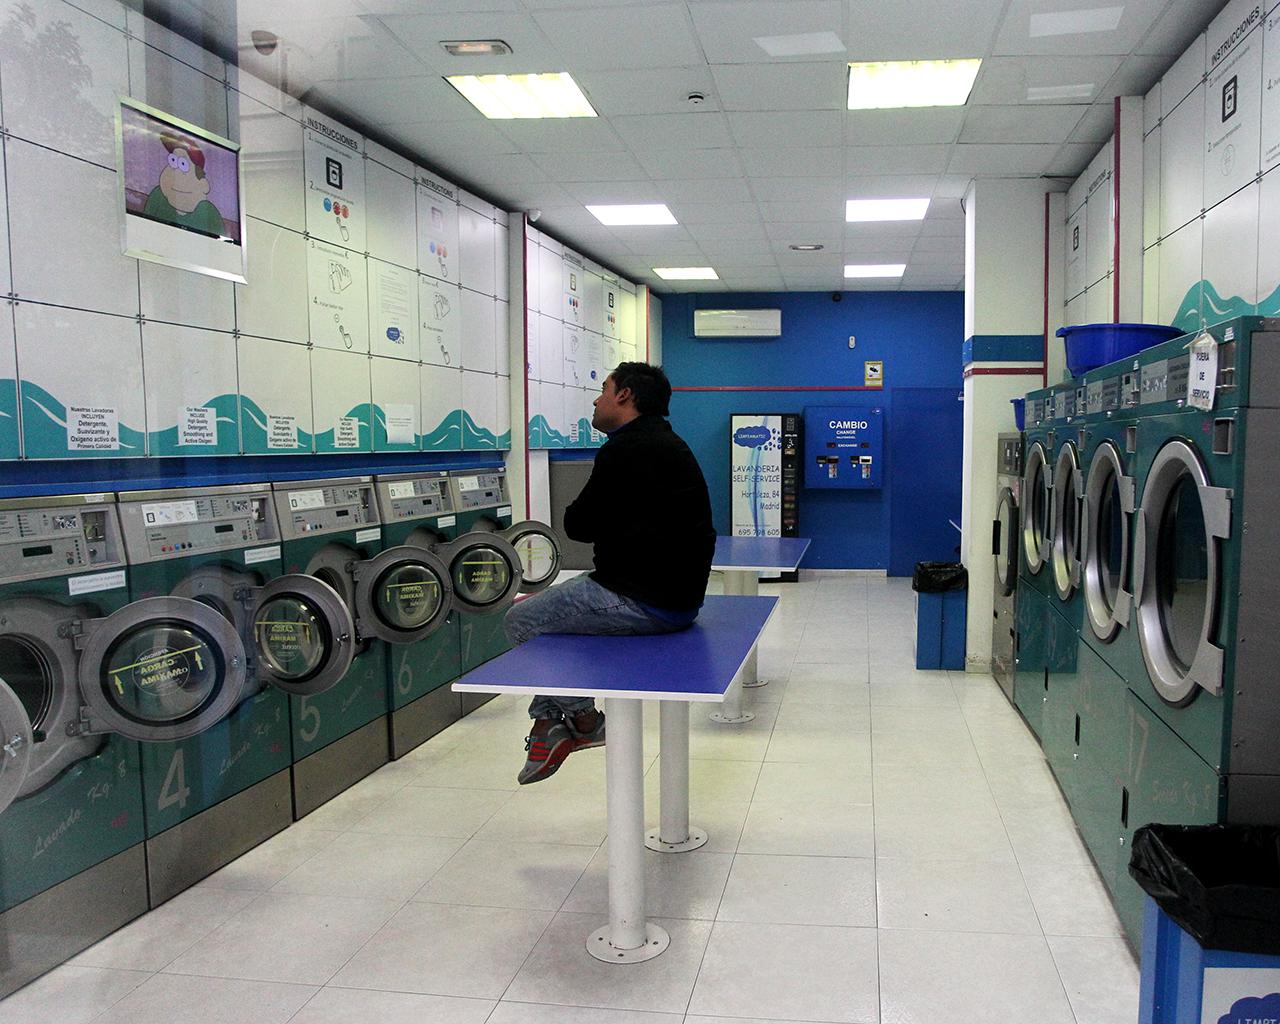 Un hombre espera el lavado de su ropa en una lavandería. Madrid. 30/03/2020.